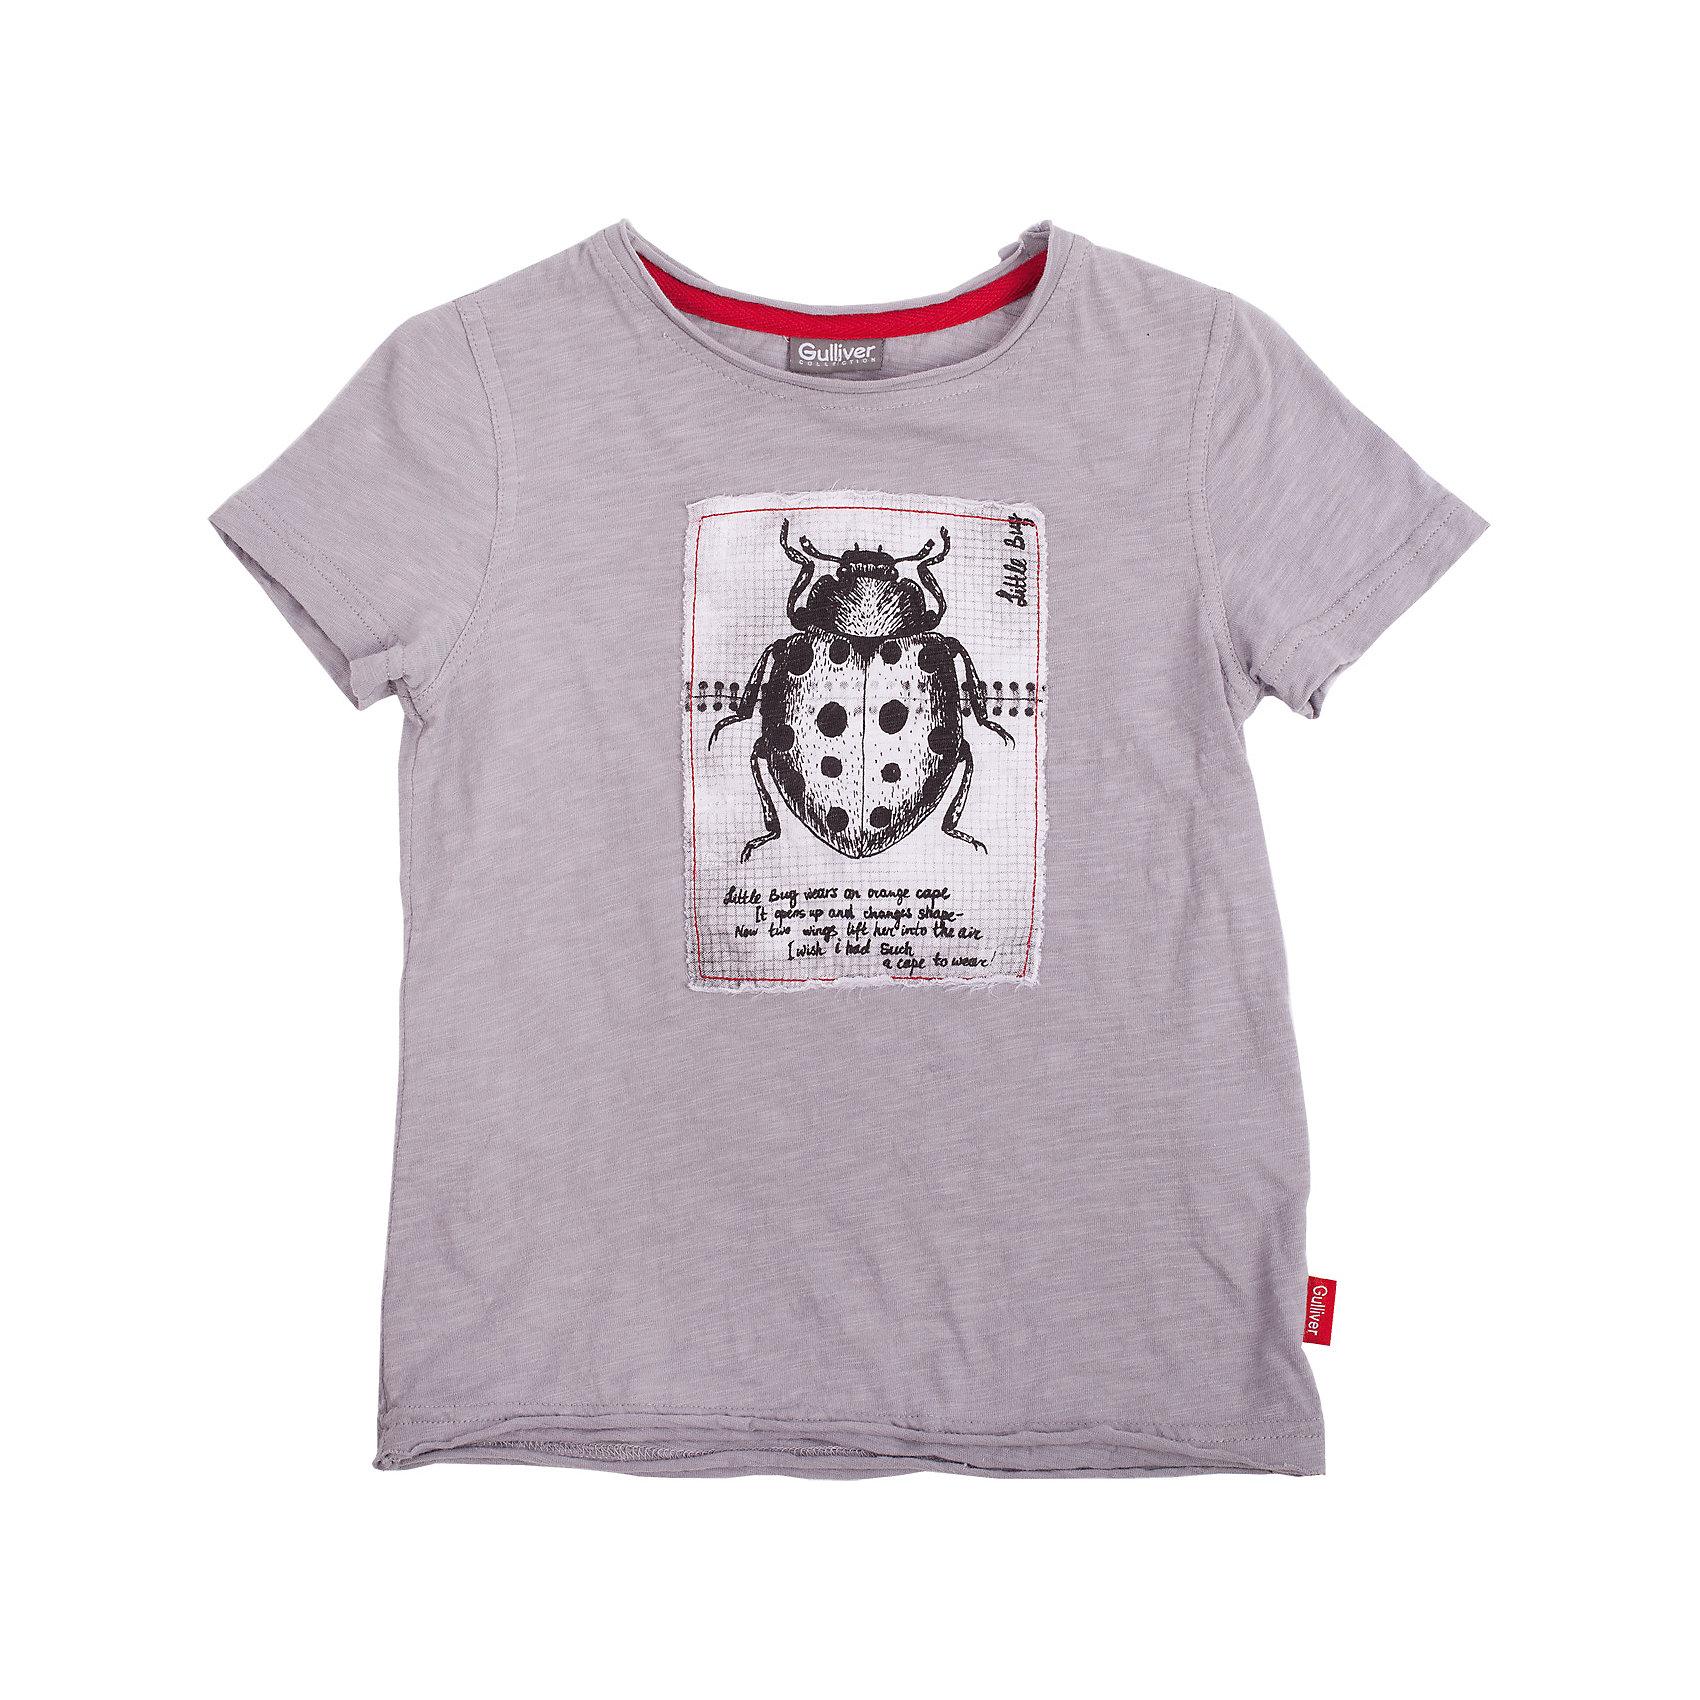 Gulliver Футболка для мальчика Gulliver брендовую детскую одежду оптом алматы